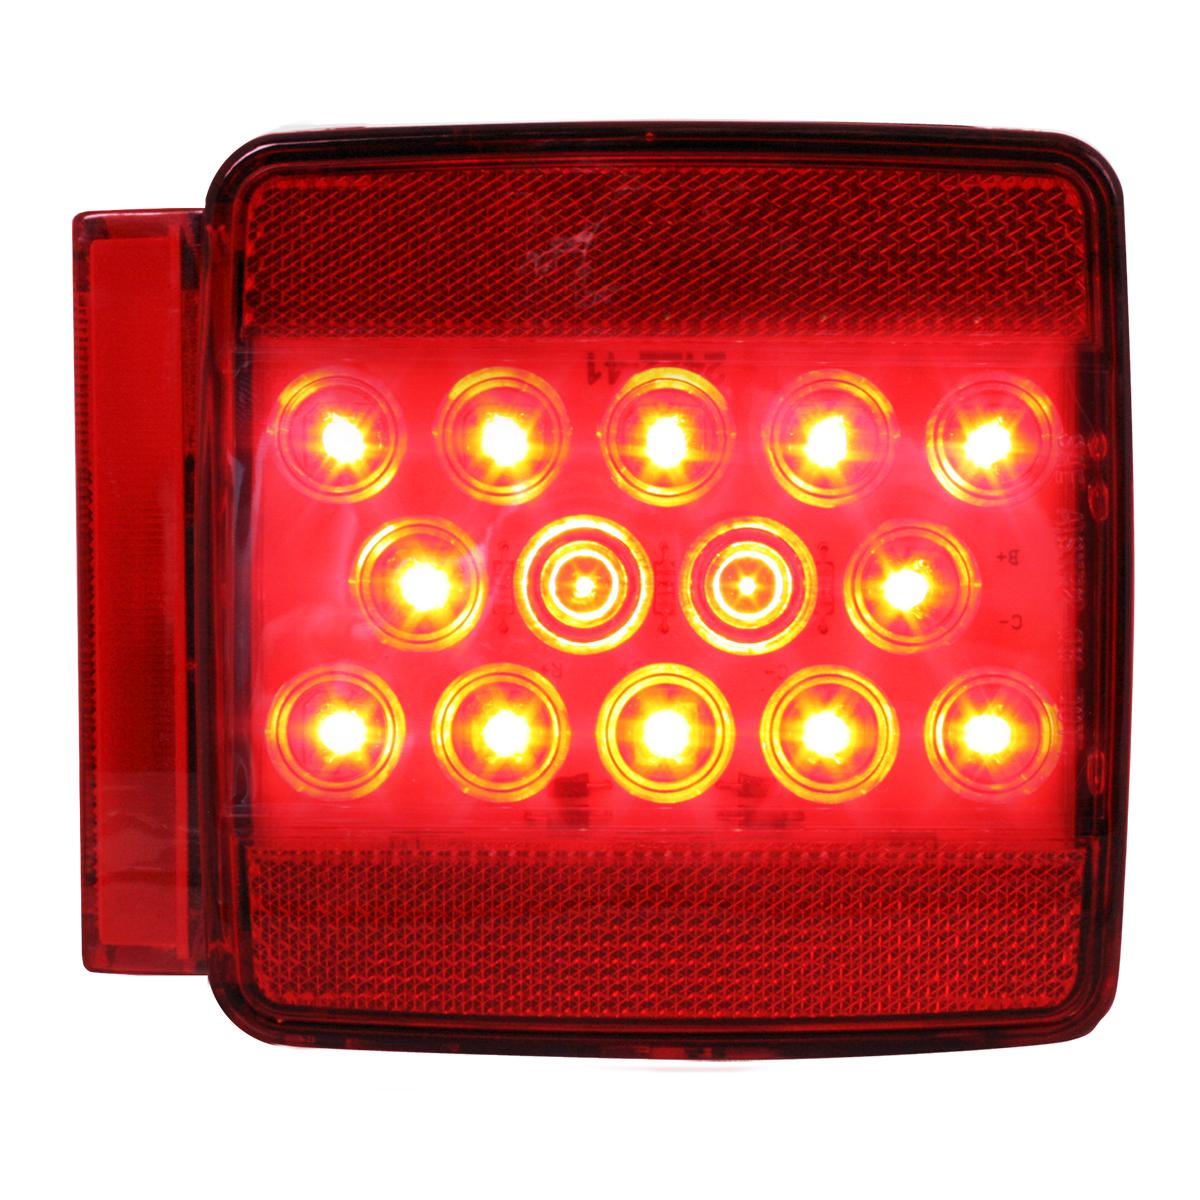 76941 Universal Stud-Mount Trailer LED Light w/ License Light